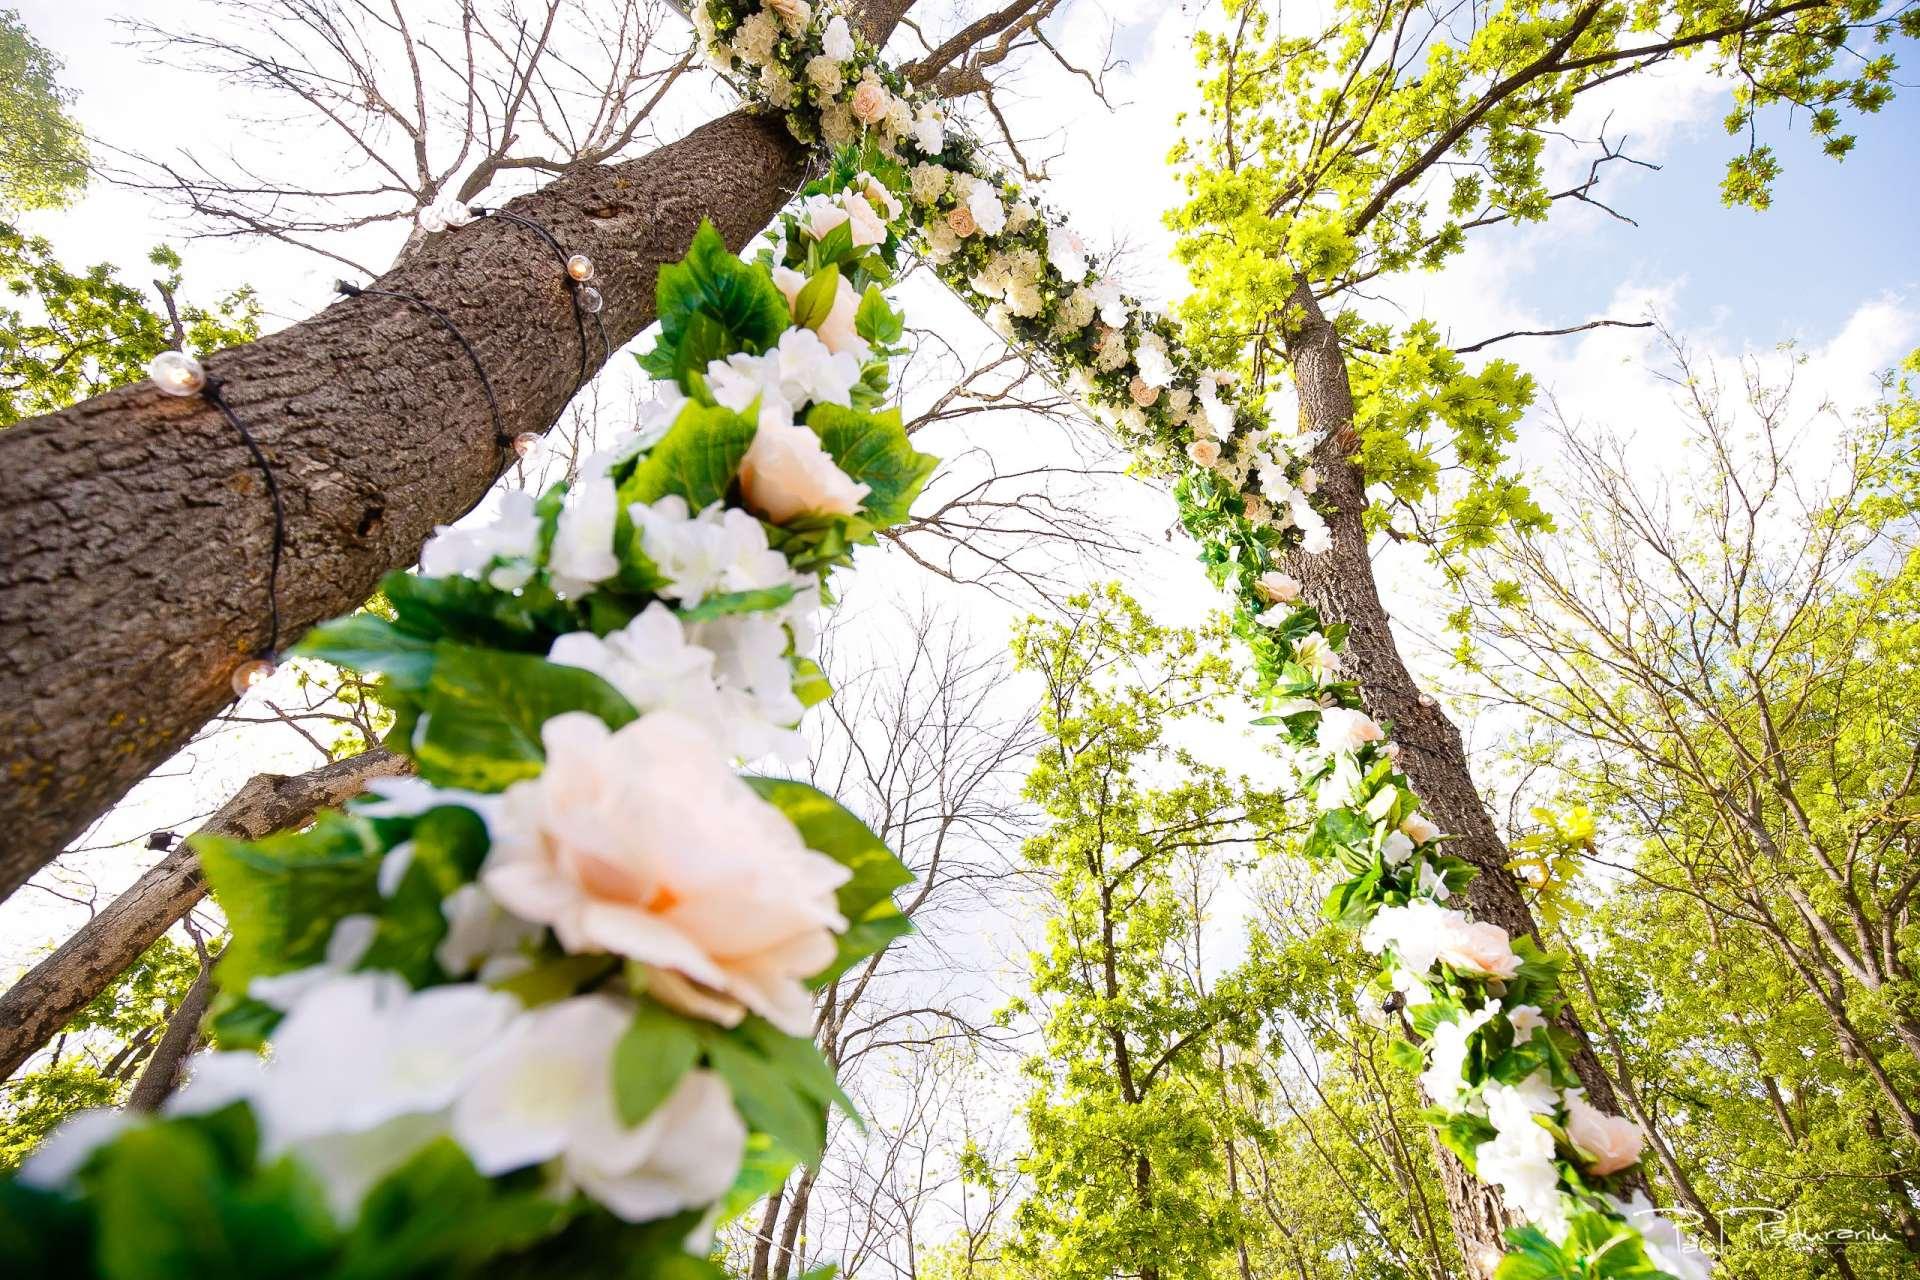 Nunta de proba Elysium Iasi 2019 paul padurariu fotograf nunta Iasi 24